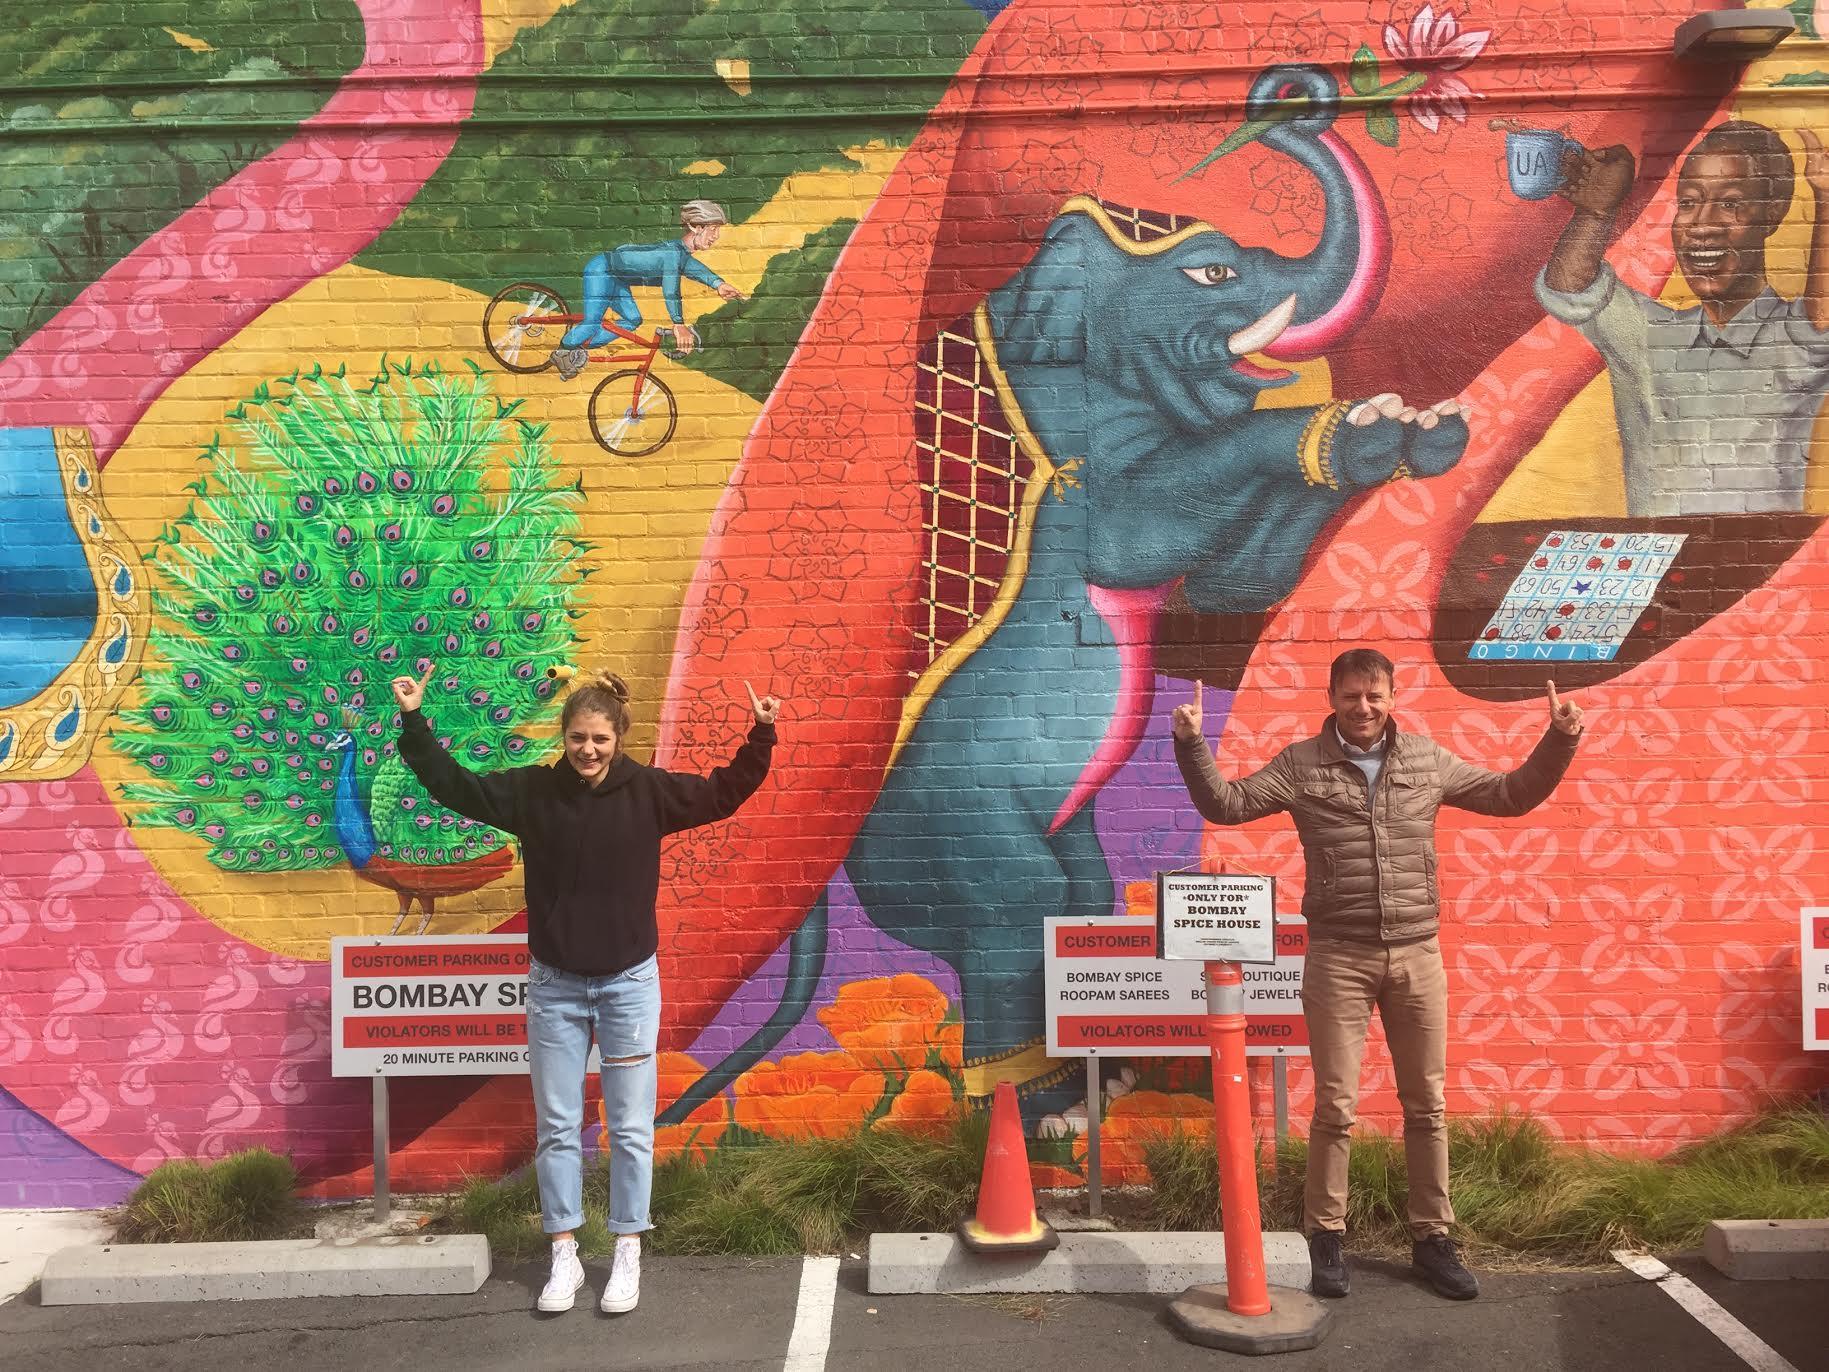 Eduardo Pineda mural, University at 9th